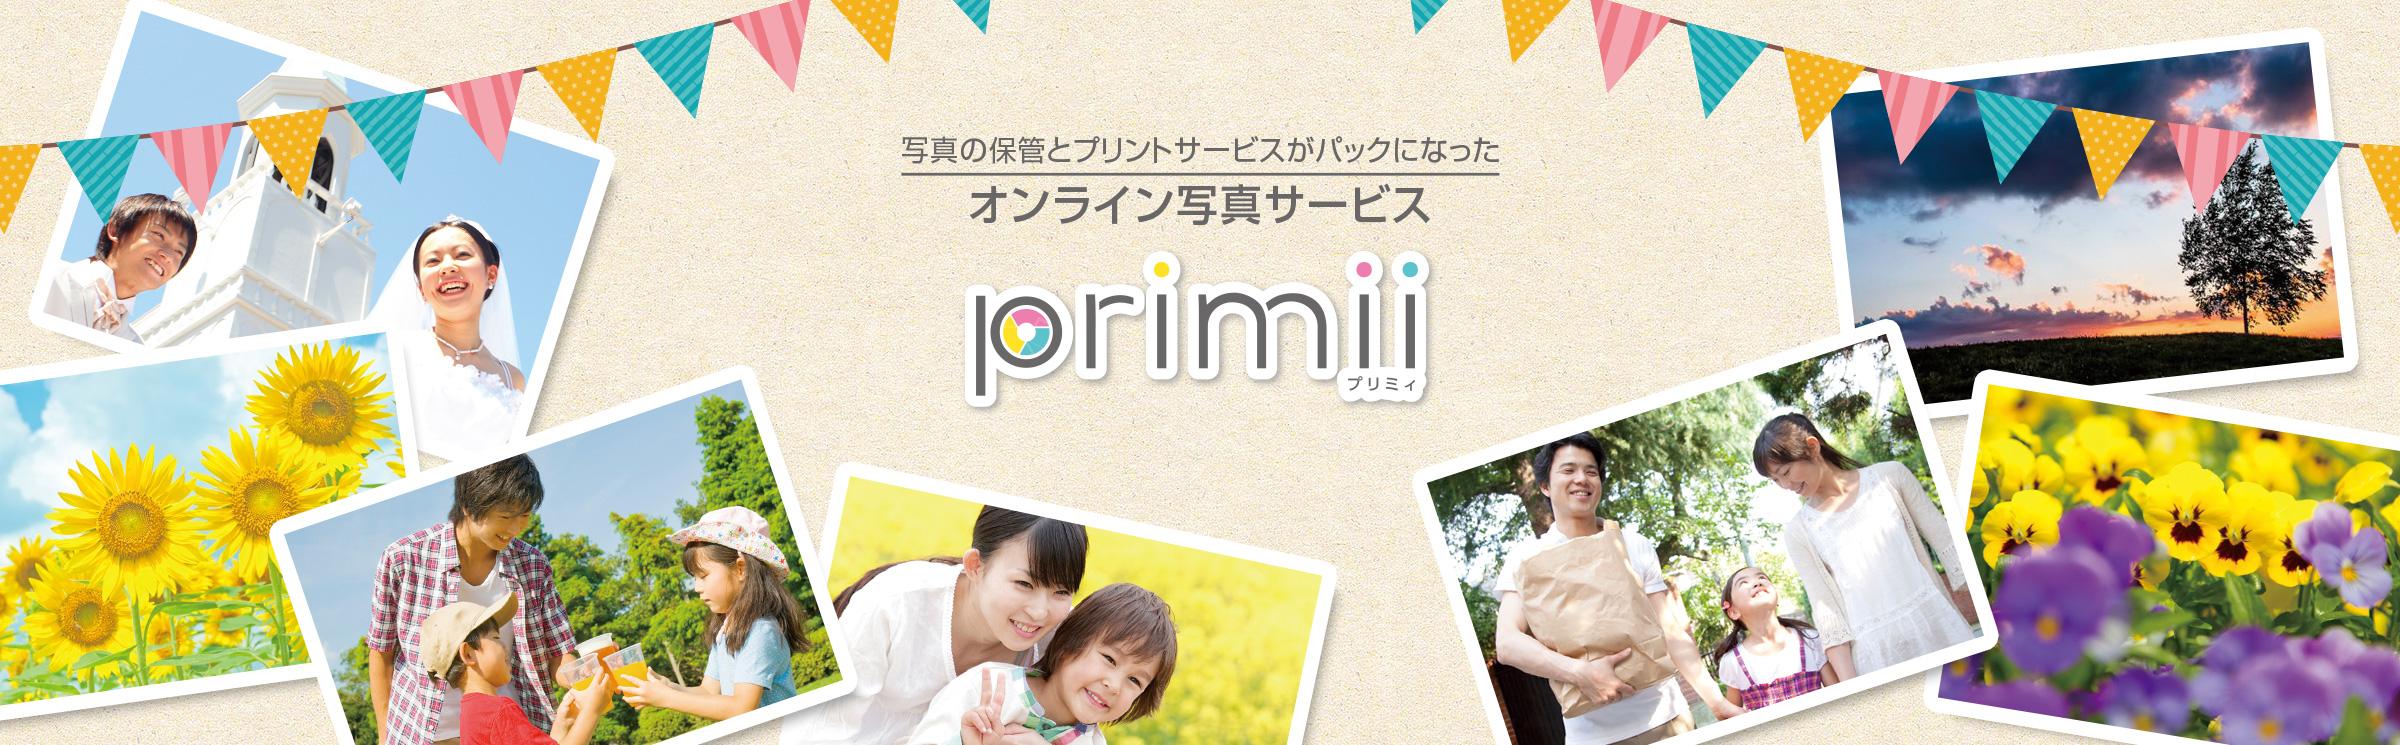 写真の保存とプリントサービスがパックになったオンライン写真サービス|primii プリミィ